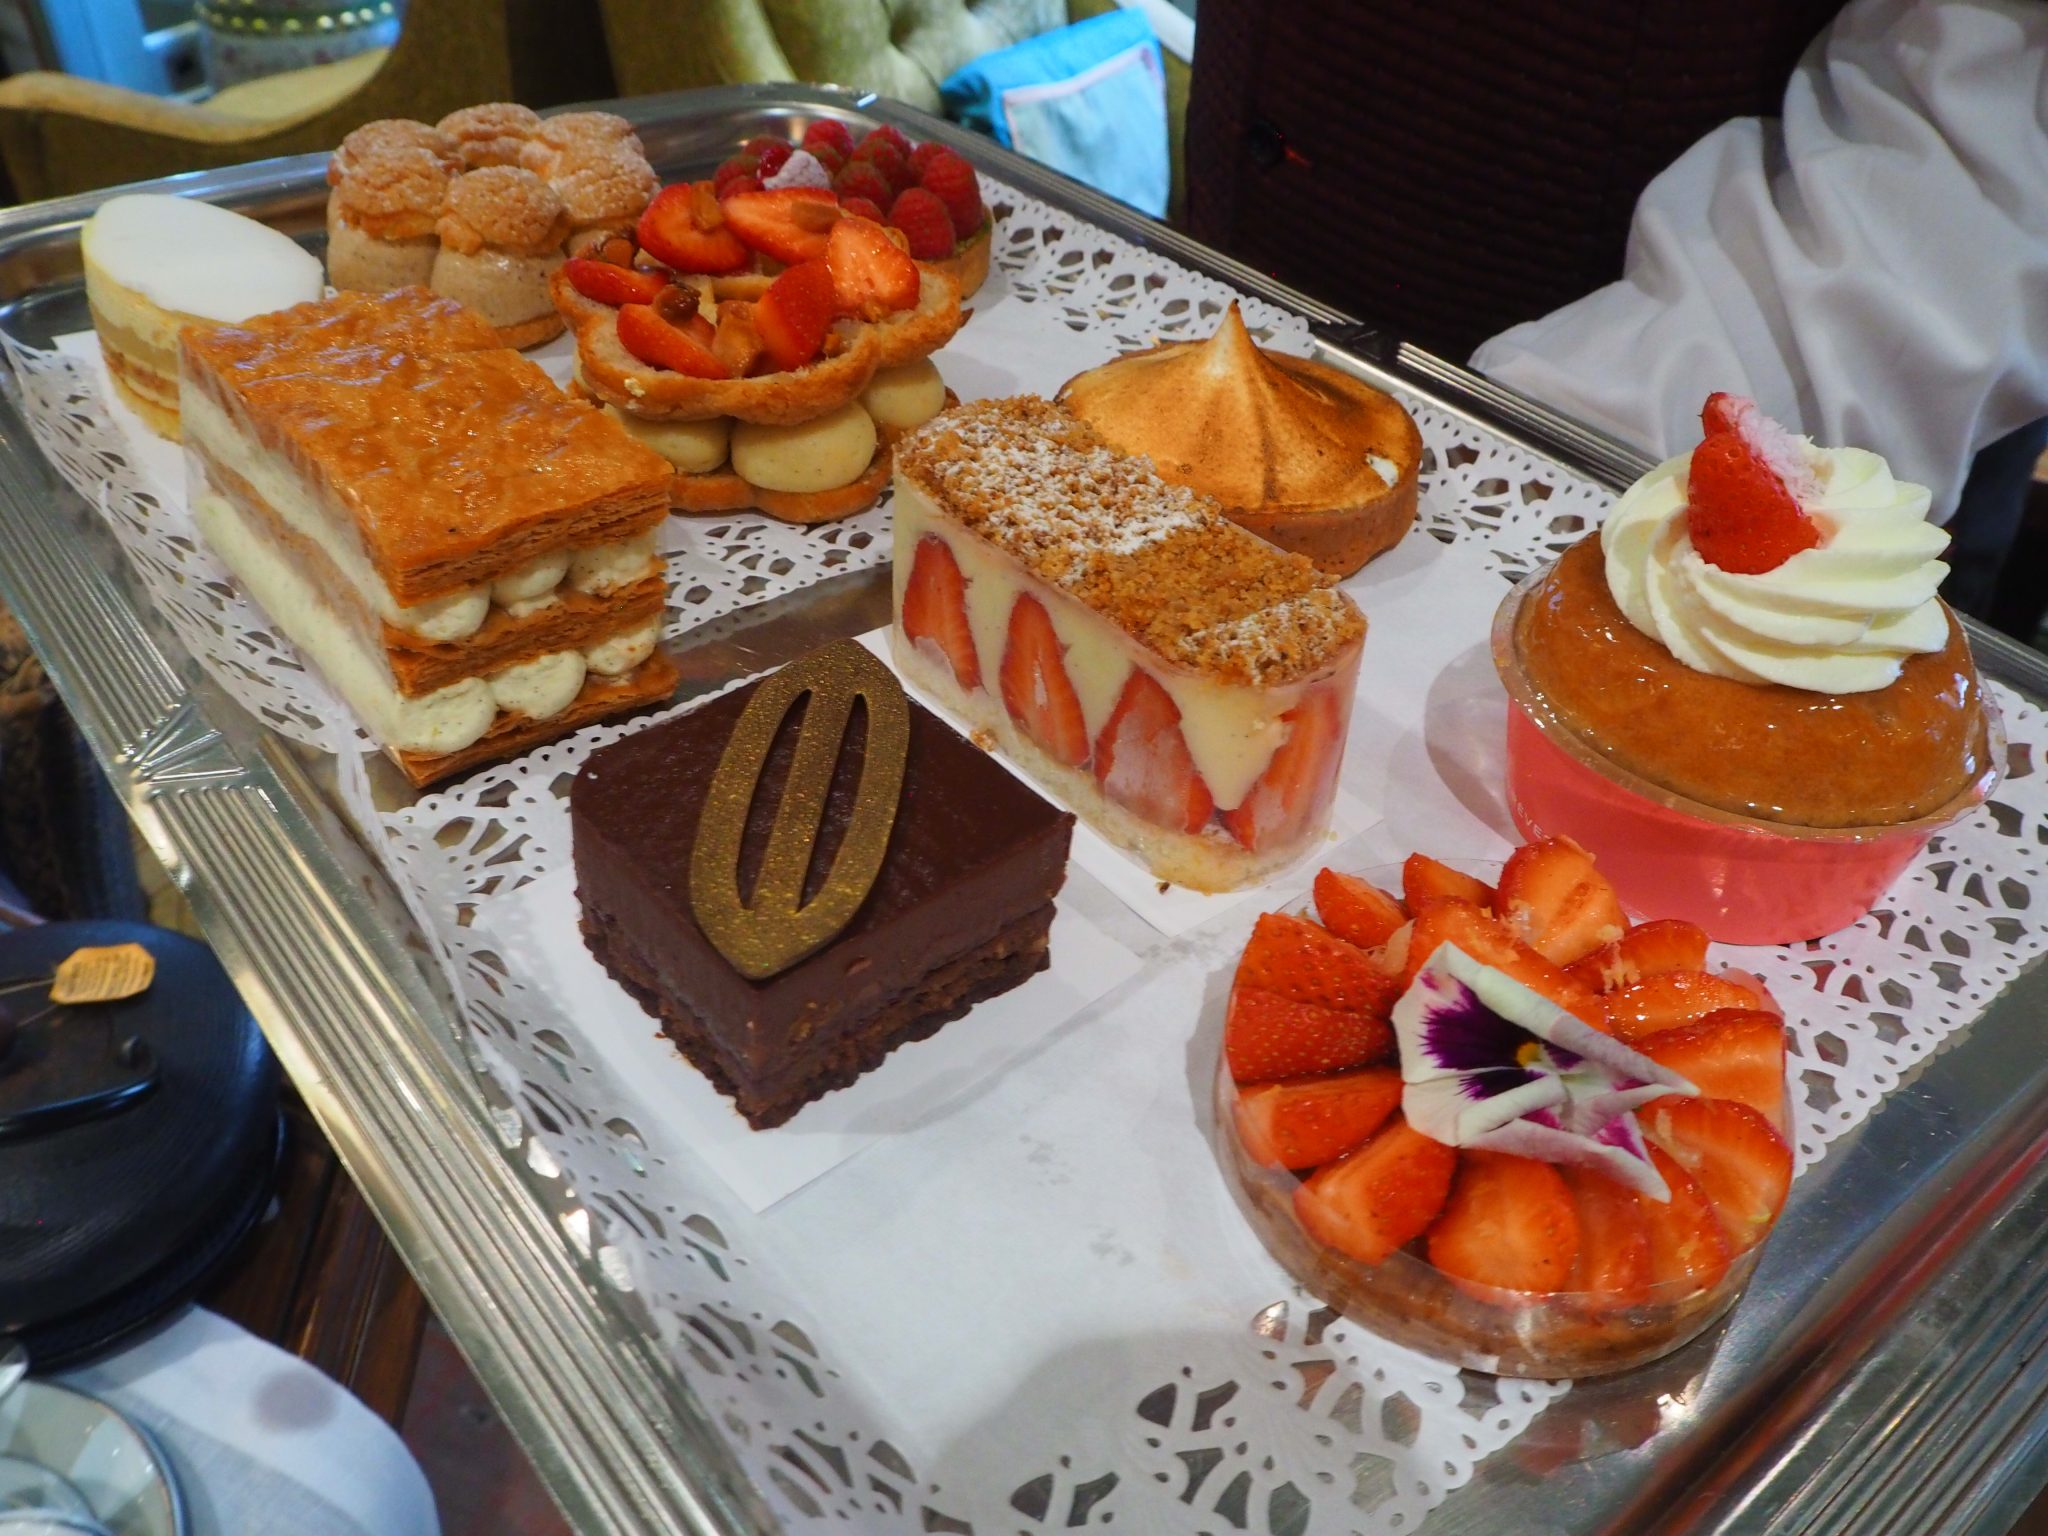 Cakes & Pastries / Gâteaux de la Pâtisserie des Rêves - Afternoon Tea / Tea Time Hotel Daniel Paris